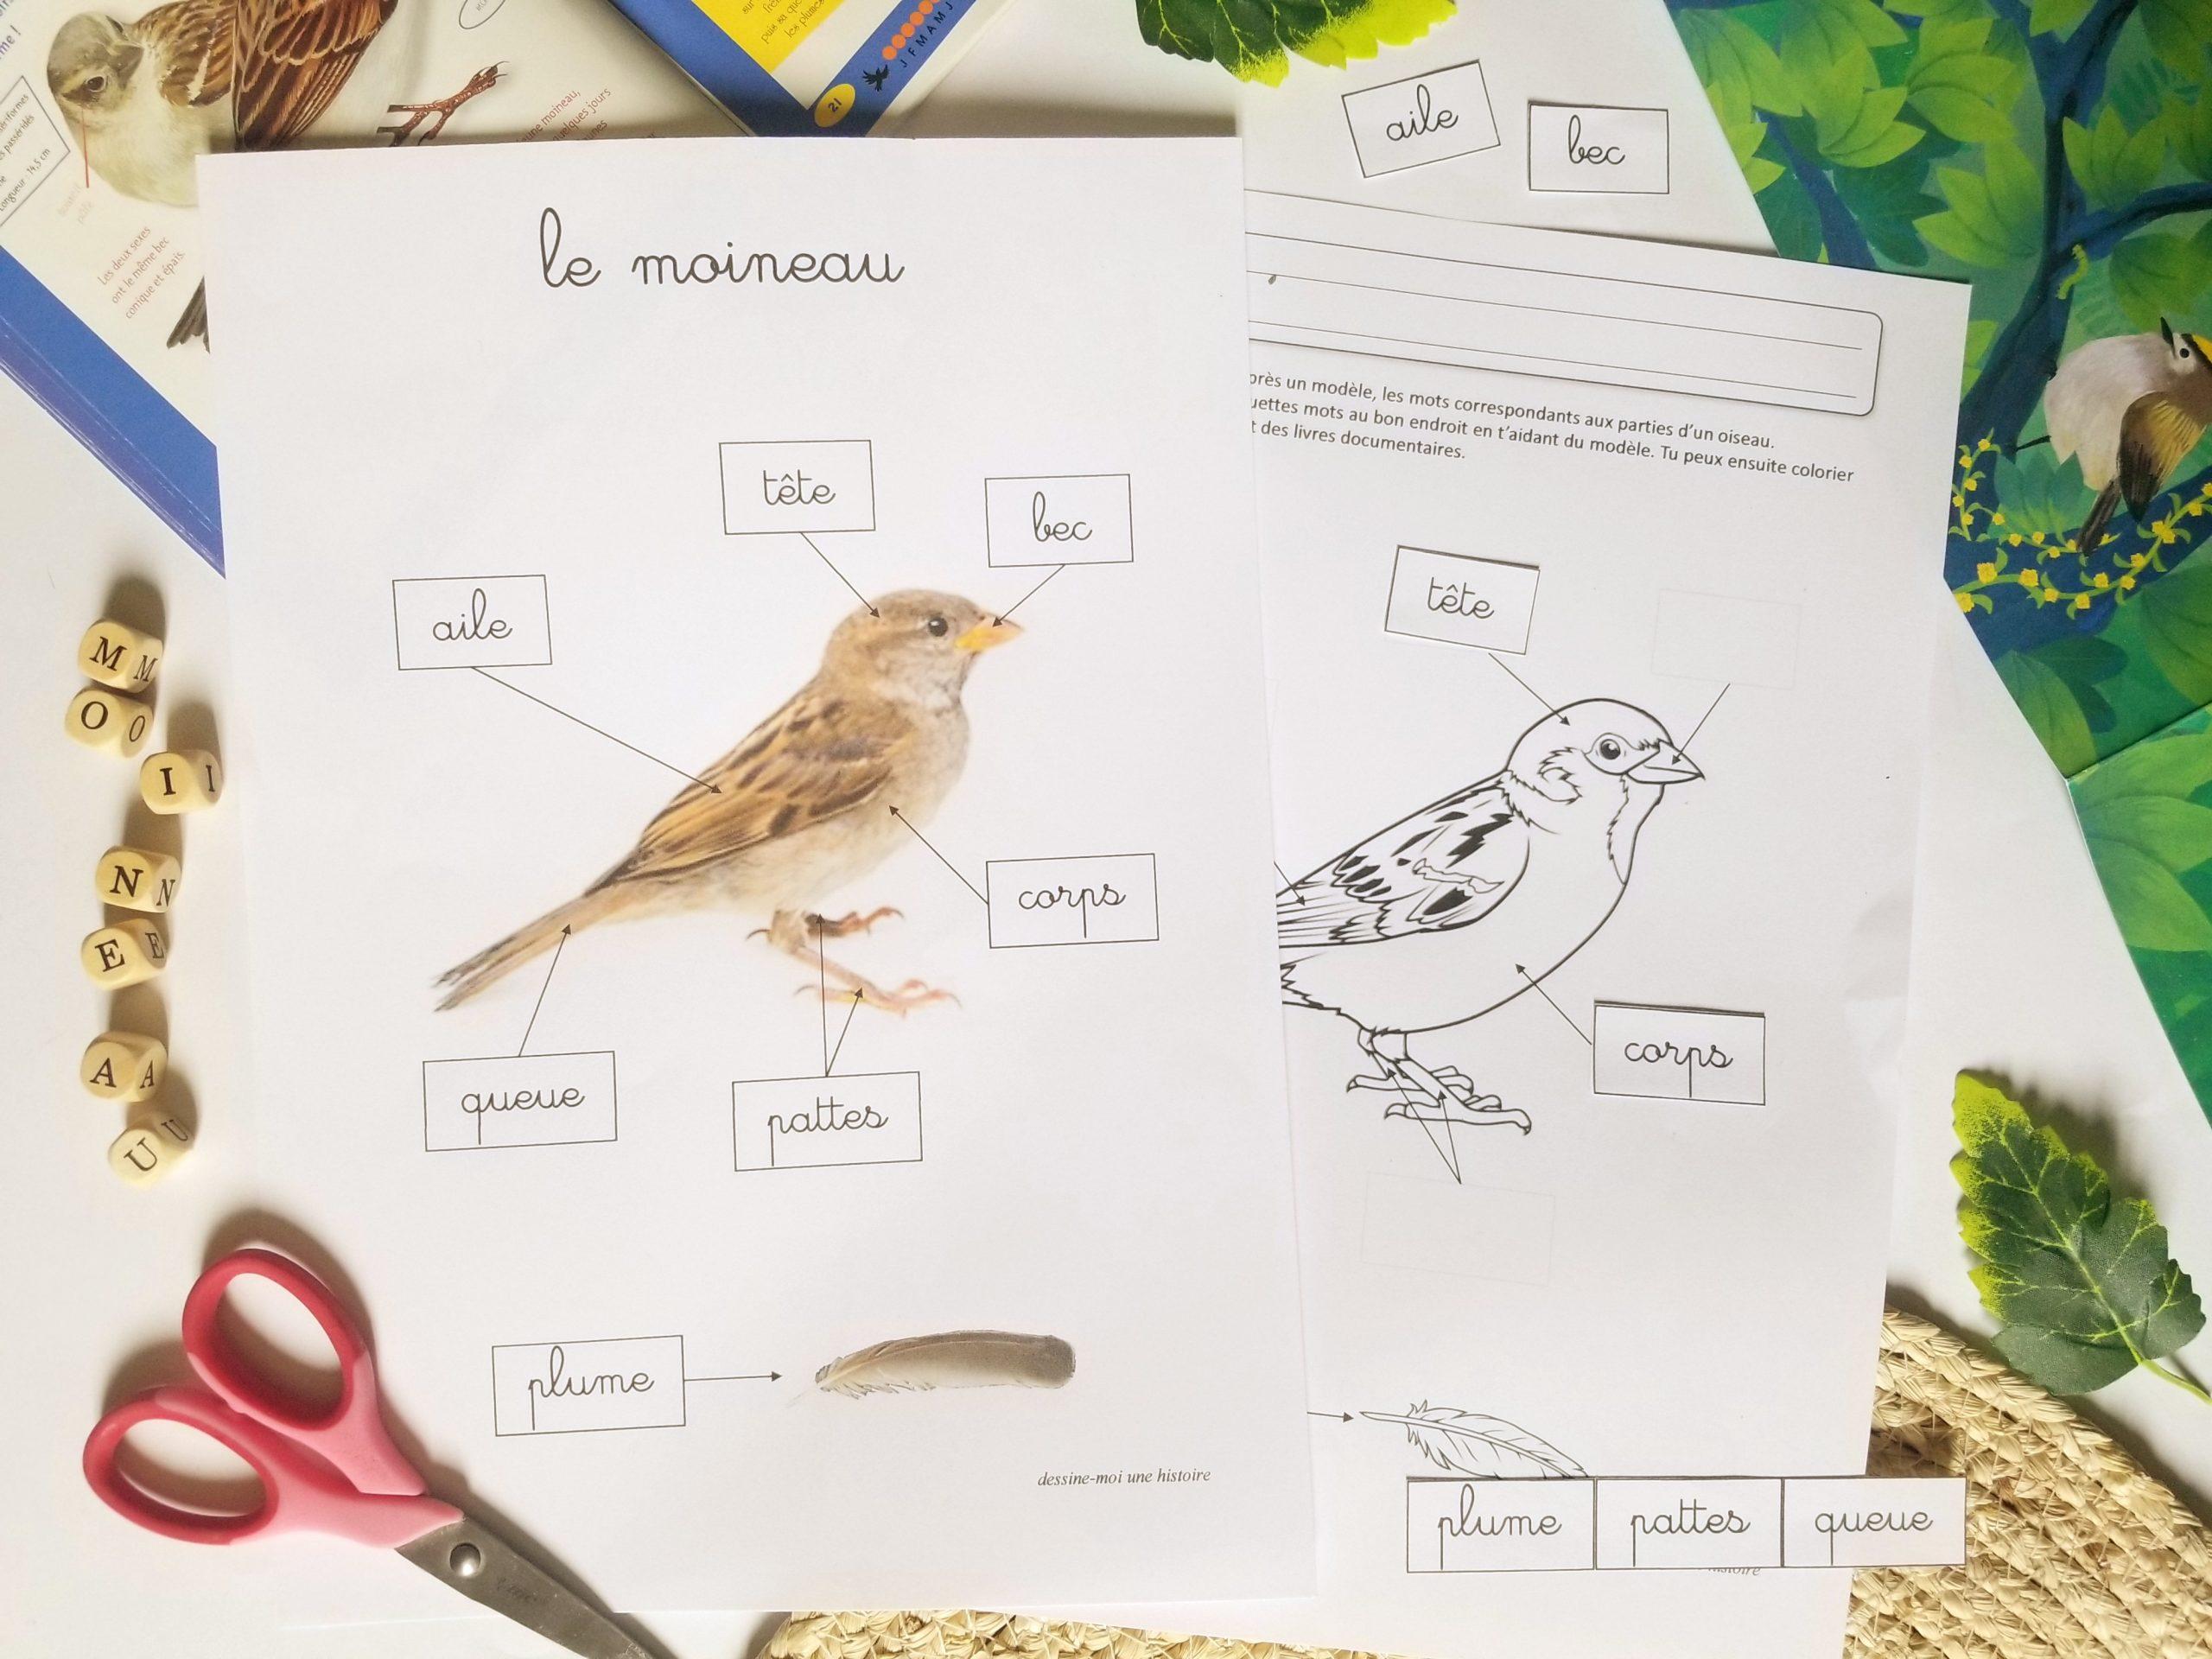 vocabulaire anatomie oiseau maternelle moineau, les oiseaux en maternelle activités